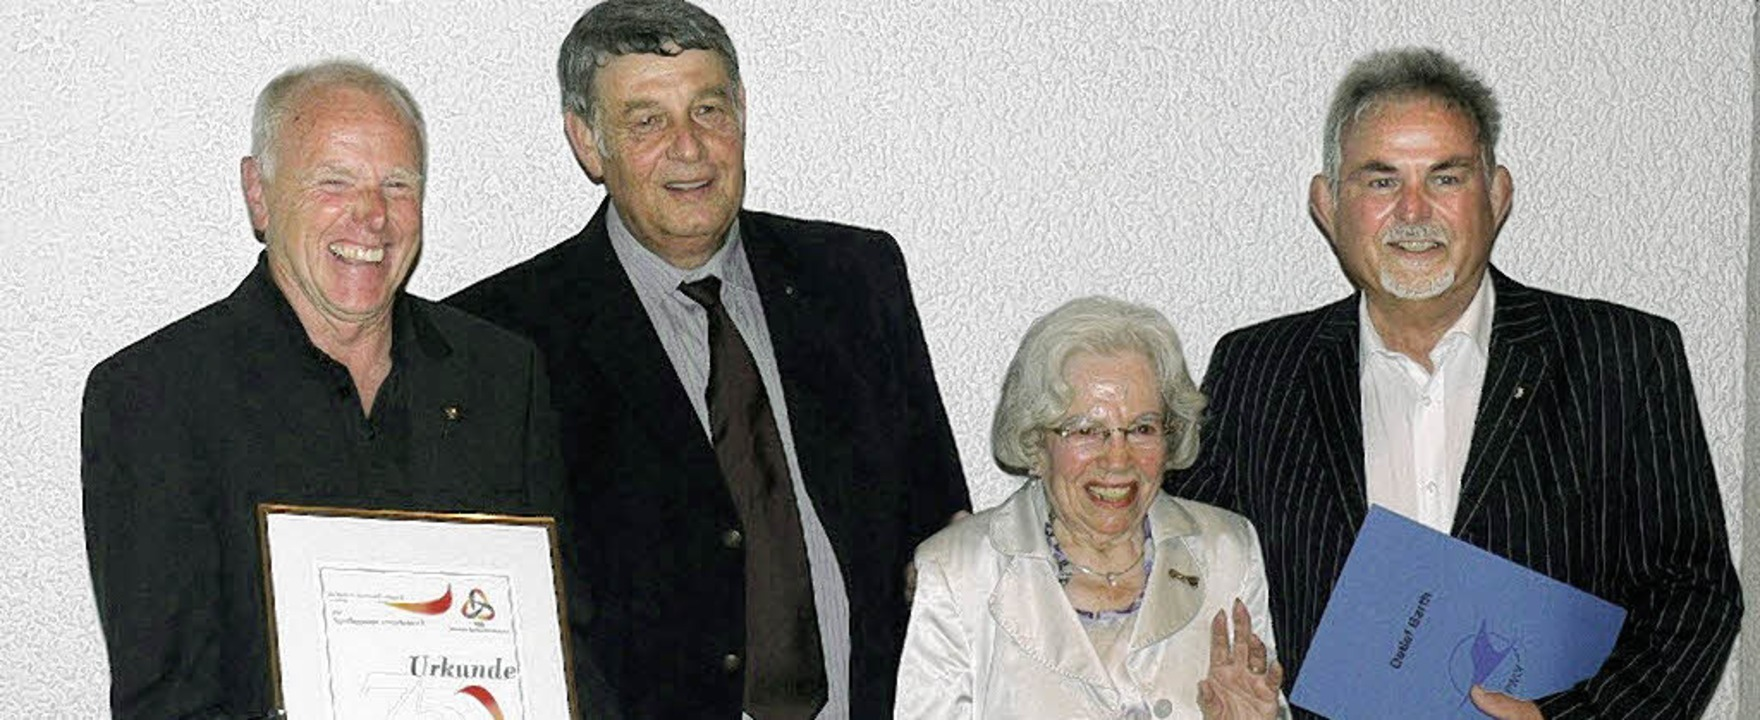 Elo Umlauf (kommissarischer erster Vor...d) mit ihren Urkunden und Ehrennadeln   | Foto: Bleckmann